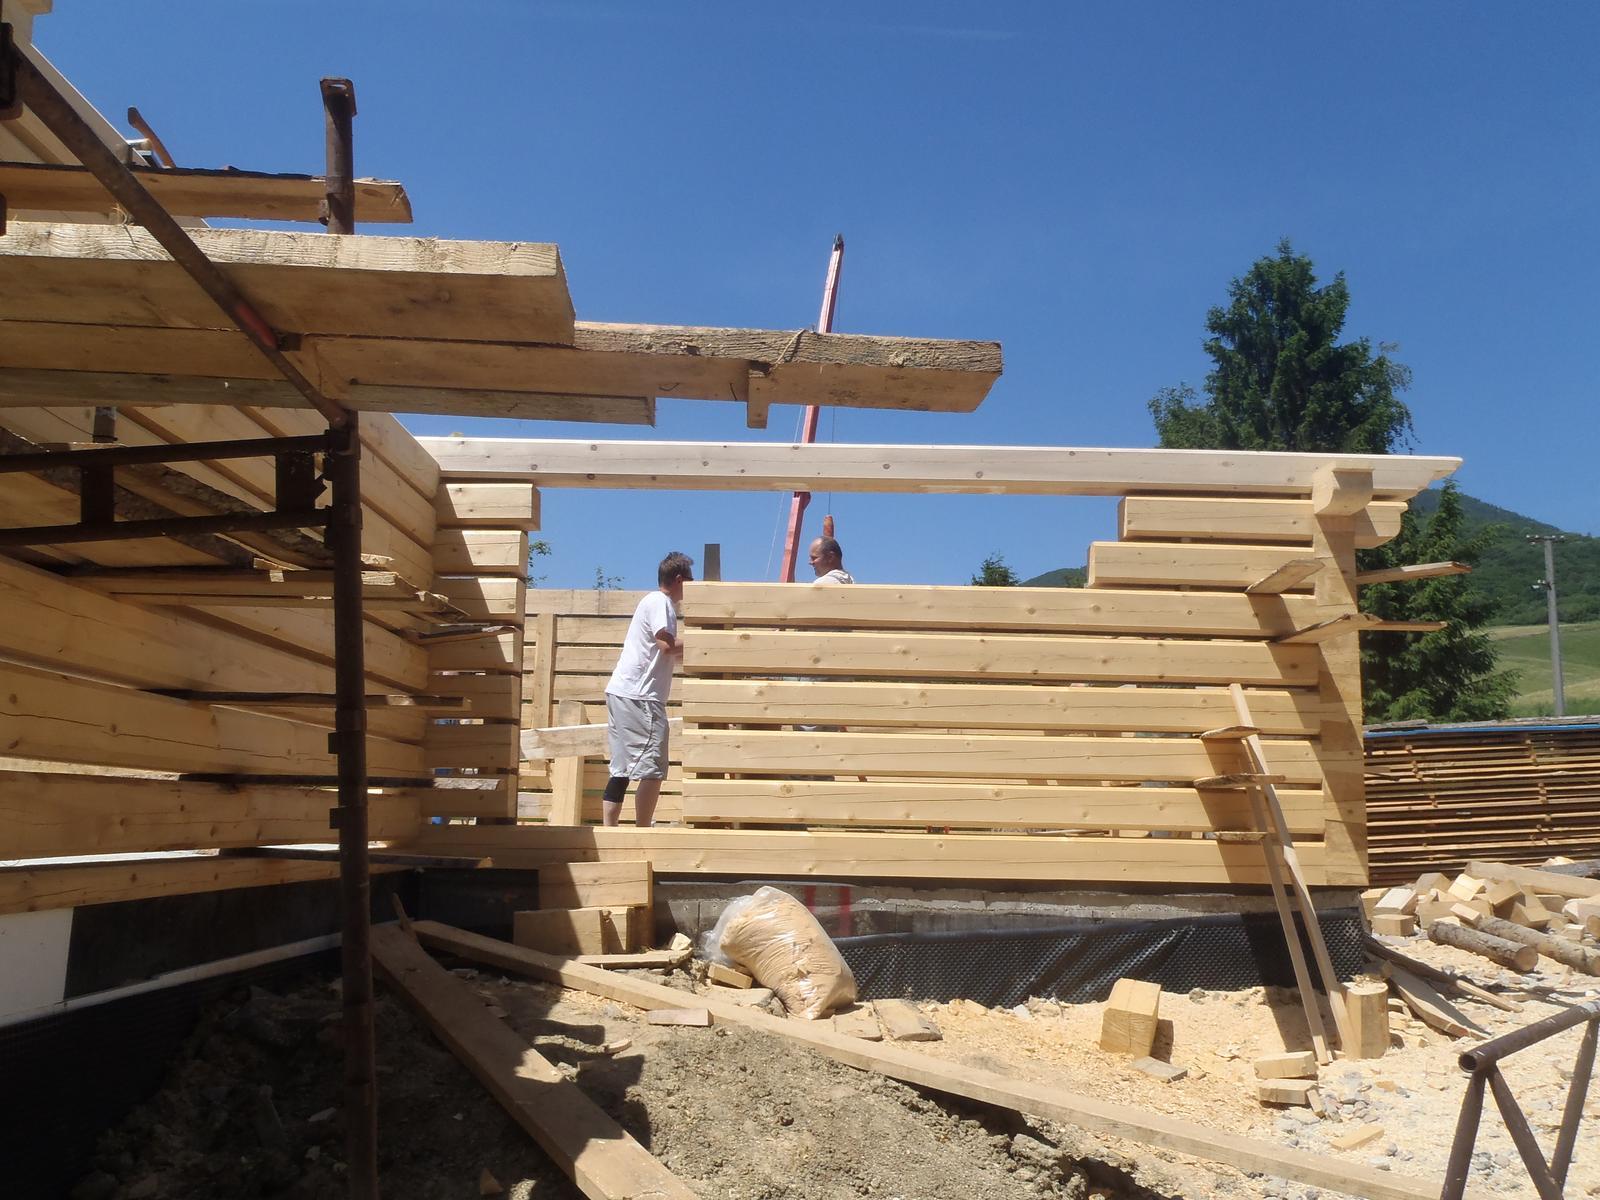 Náš veľký sen o drevenom domčeku! - Obrázok č. 81